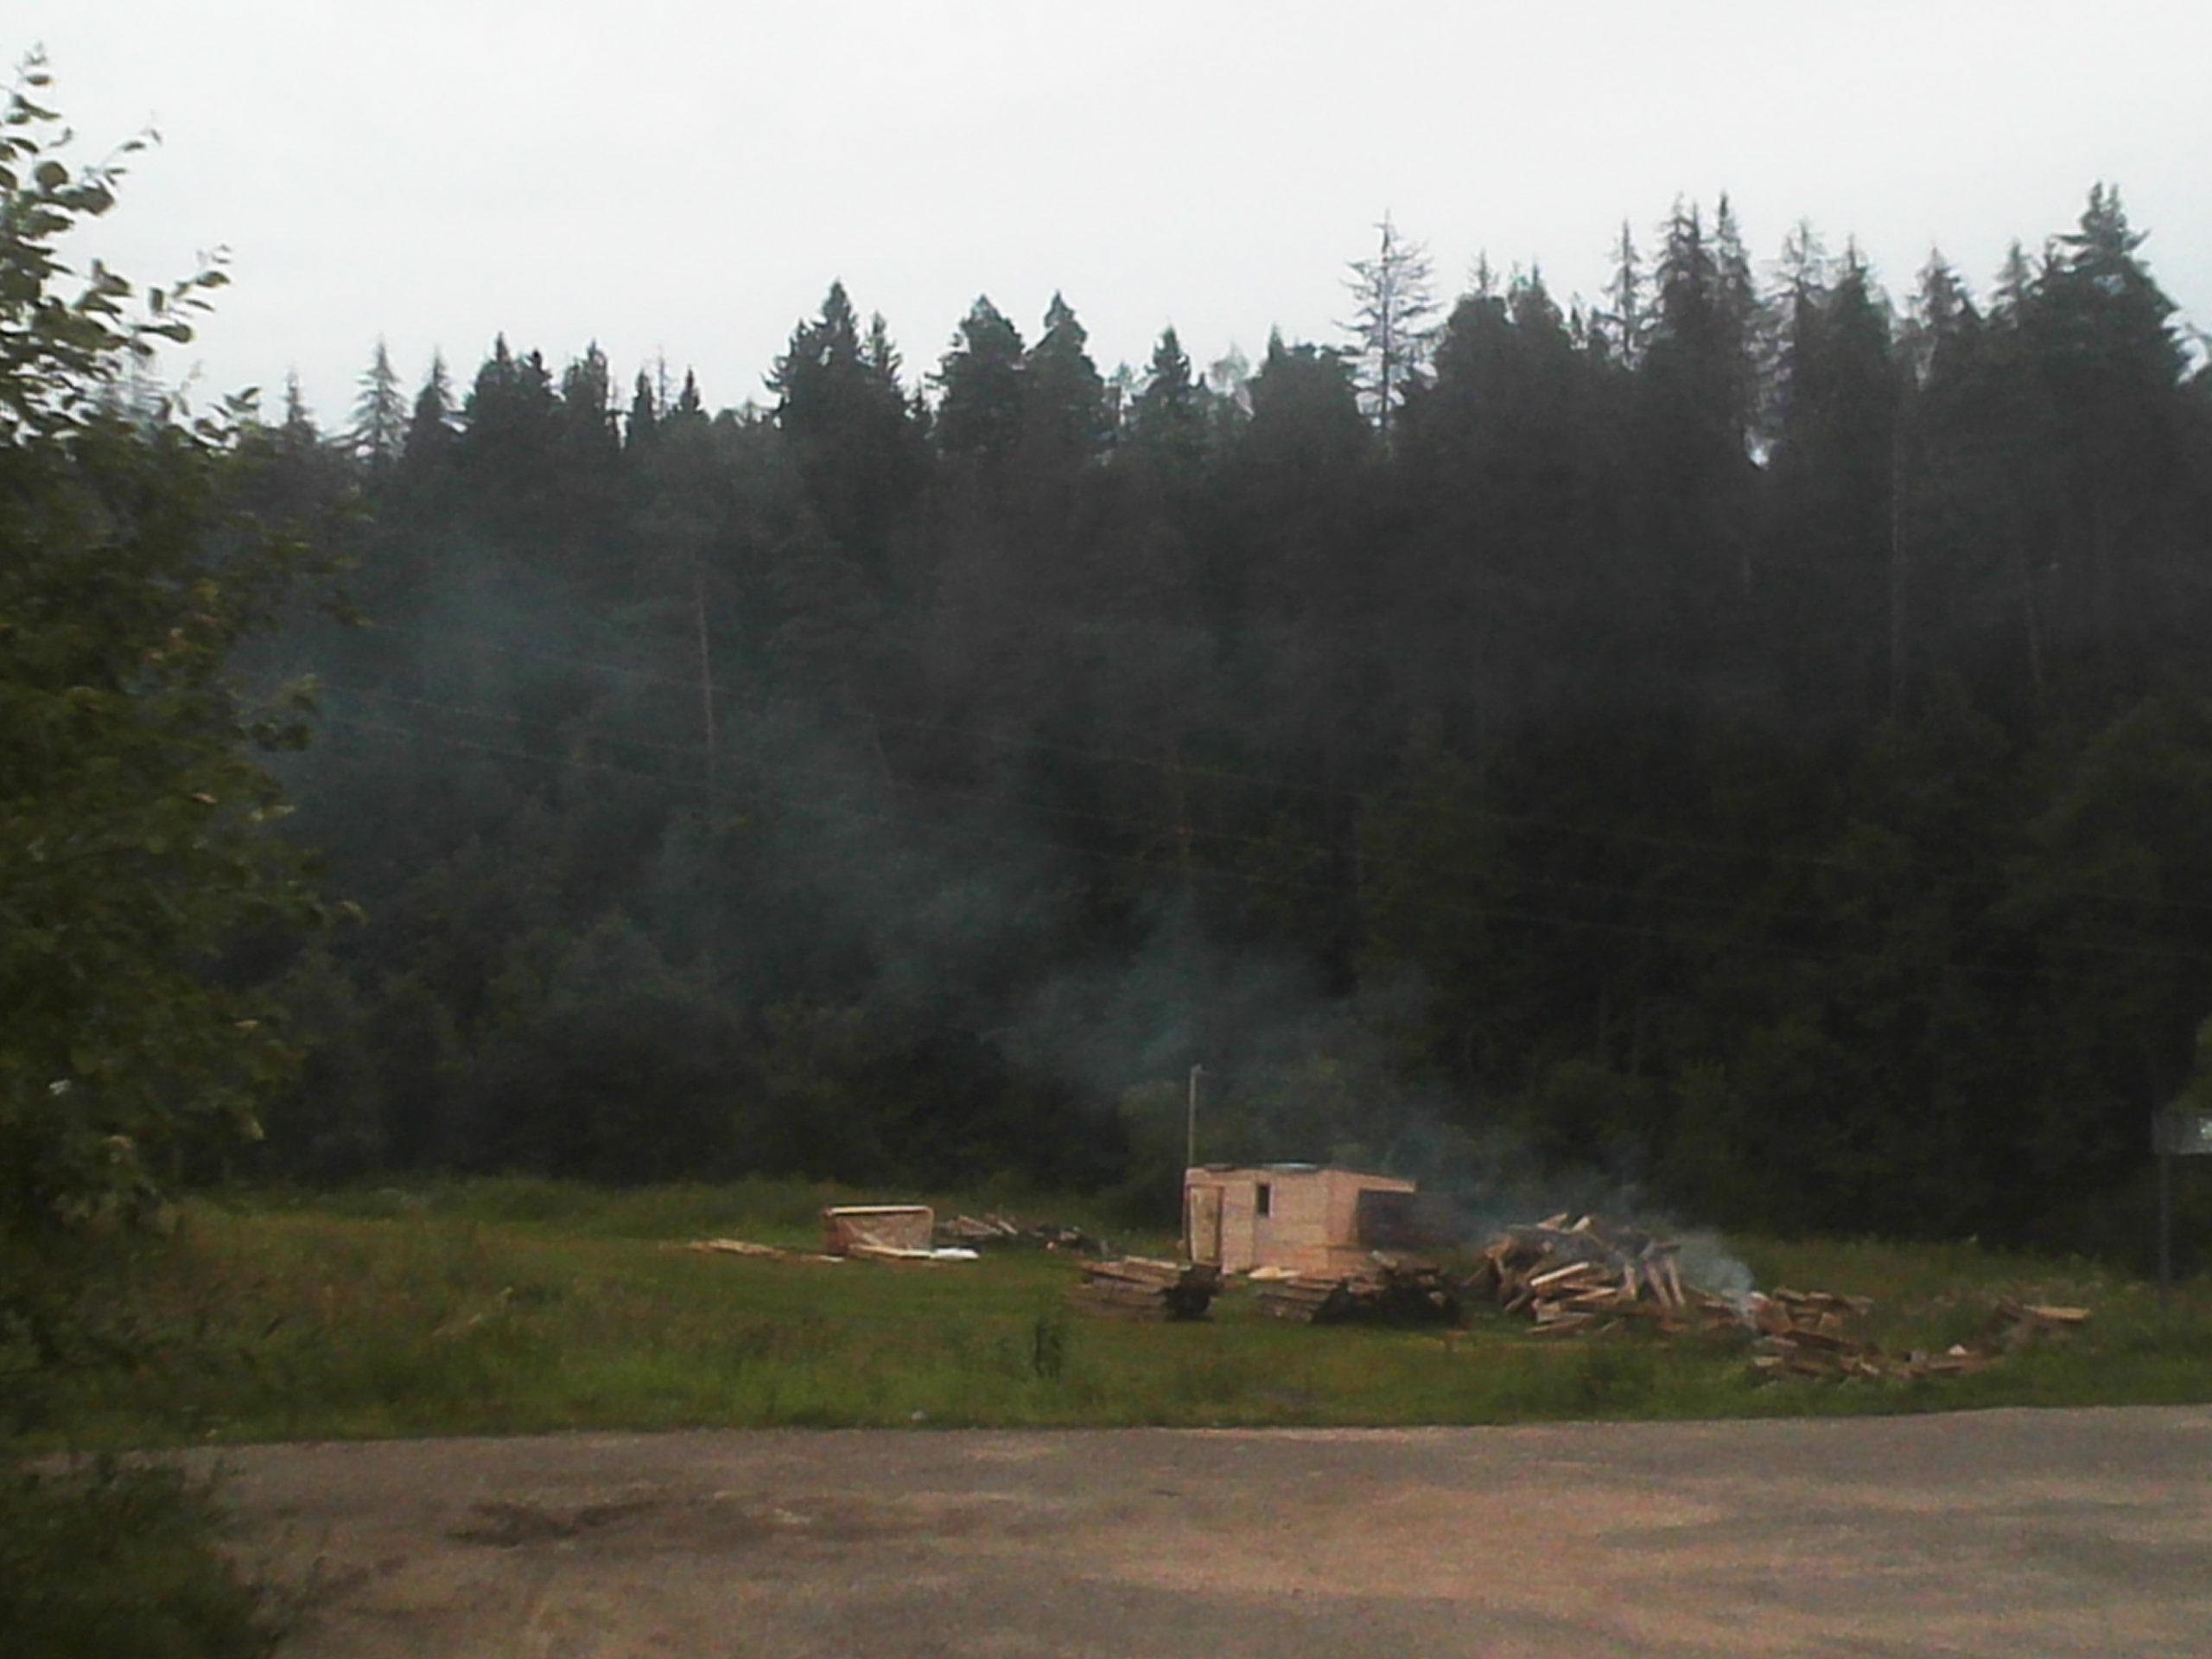 стройка в заповеднике в звенигороде, дютьково